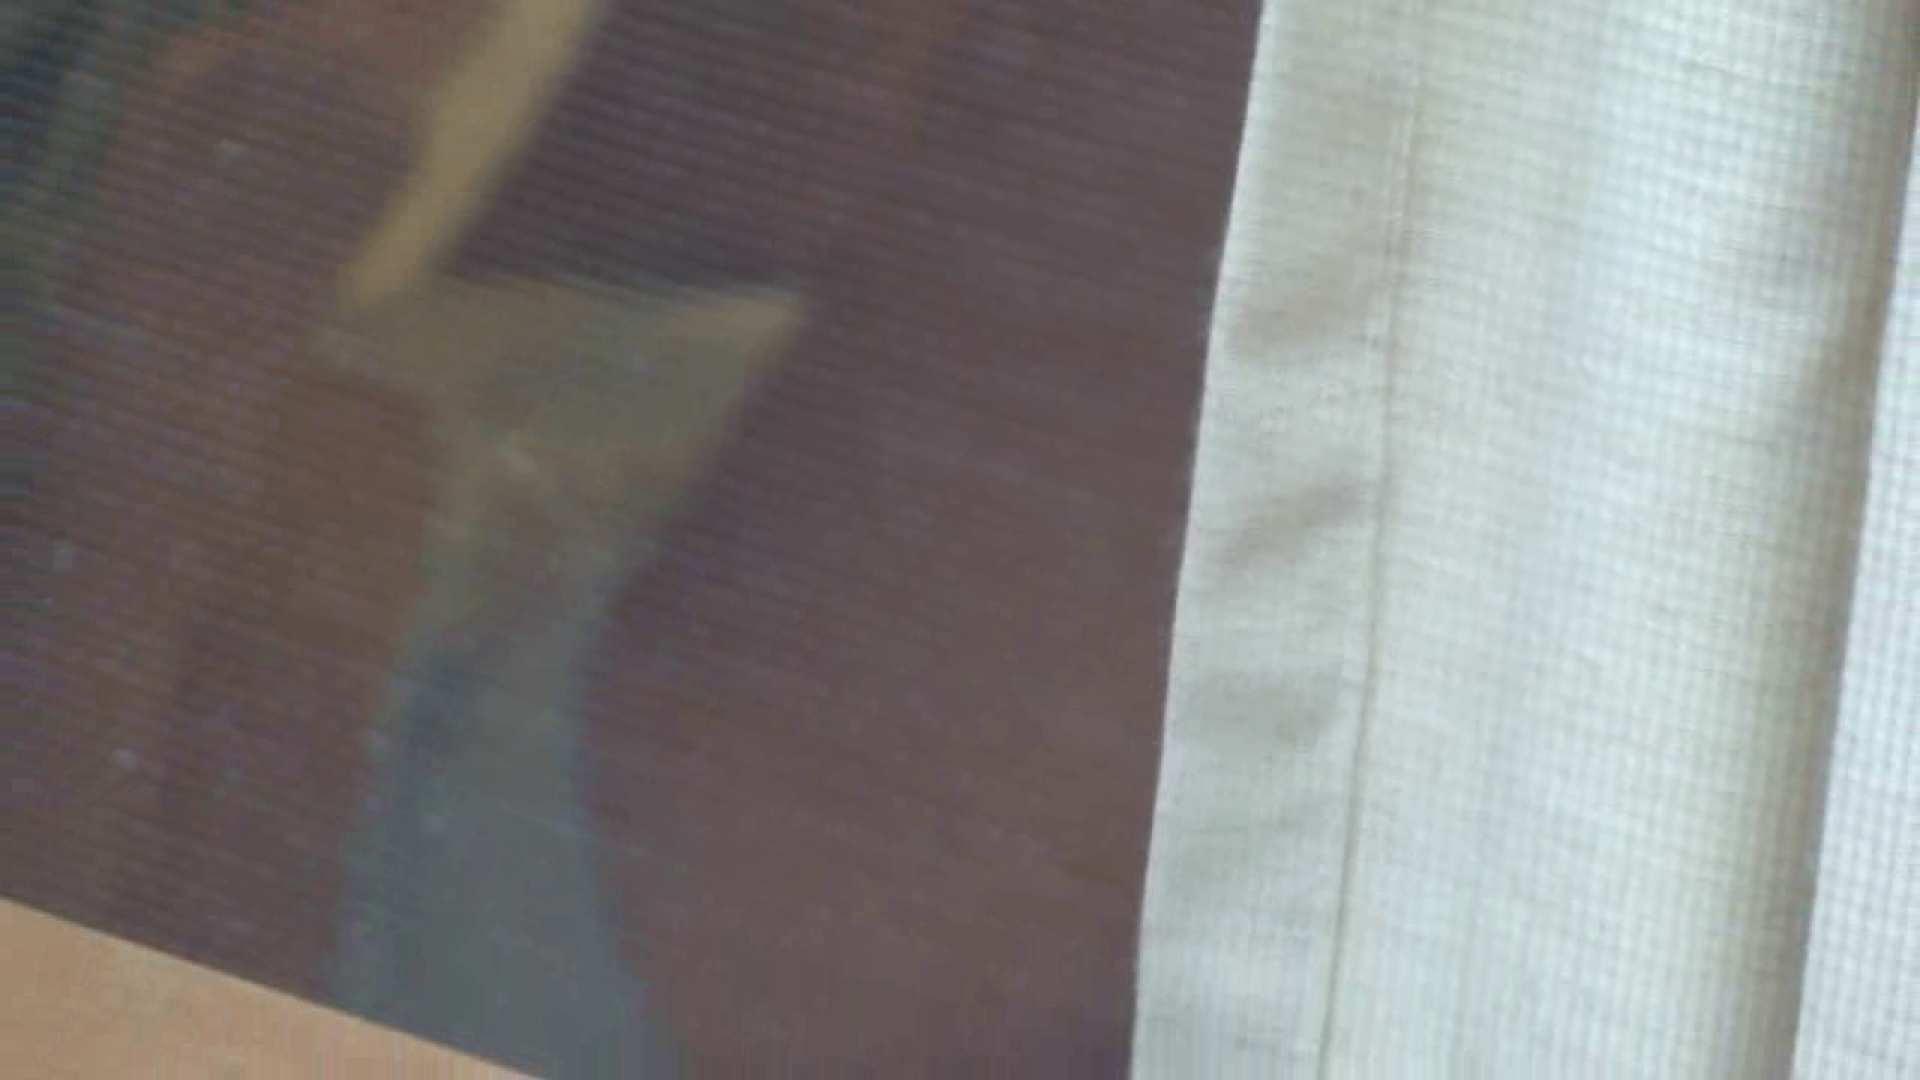 老舗ペンション2代目オーナーが流出したお宝映像Vol.4 カップル  95pic 82